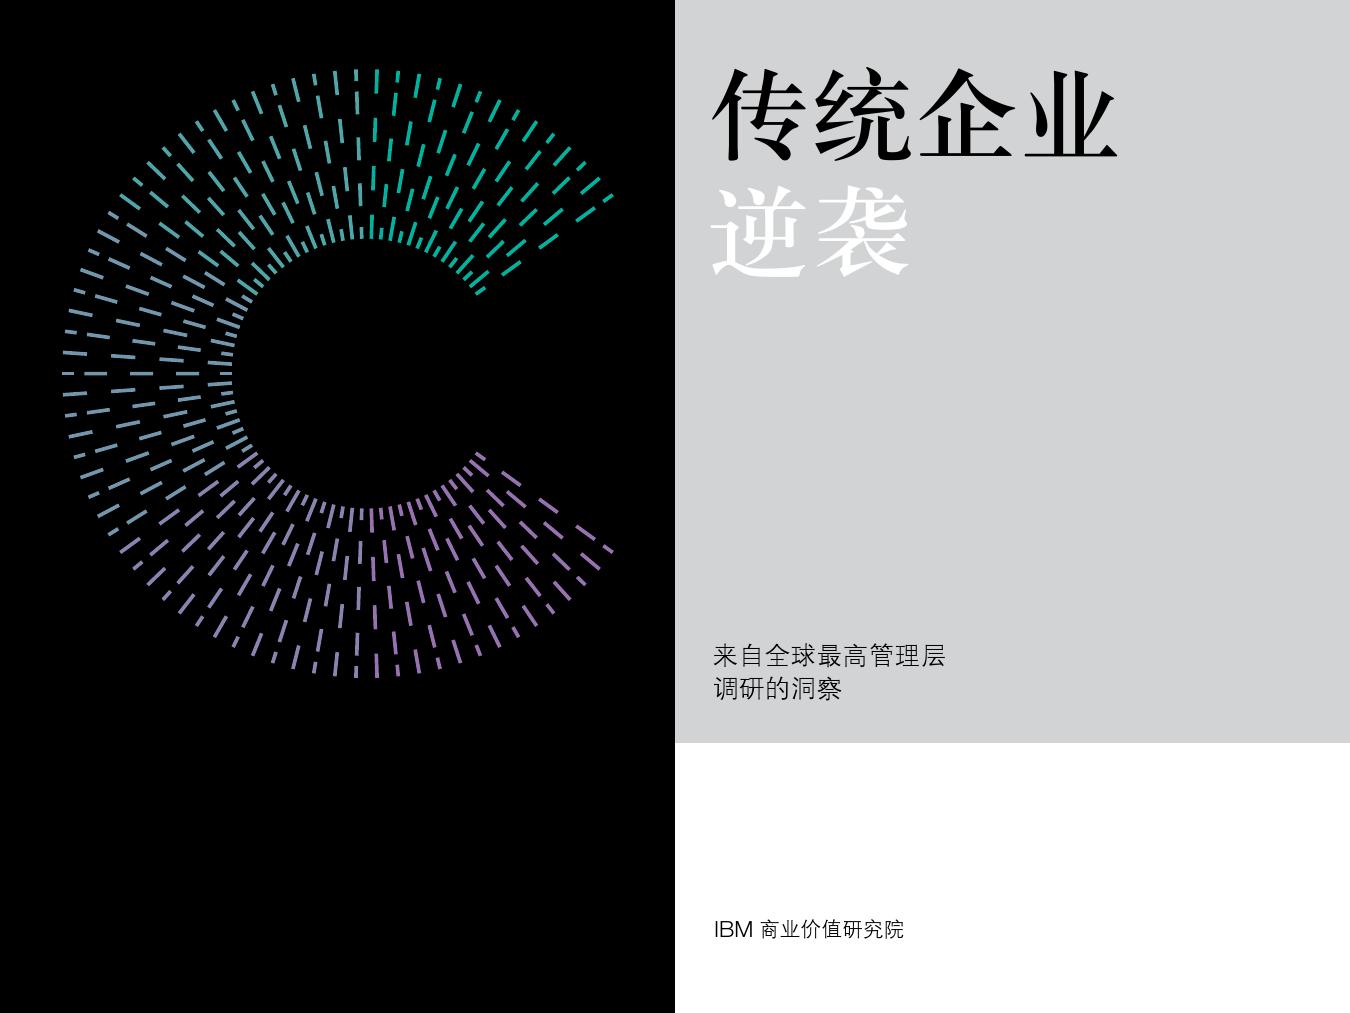 IBM:2018年全球最高管理层调研洞察报告(附下载)